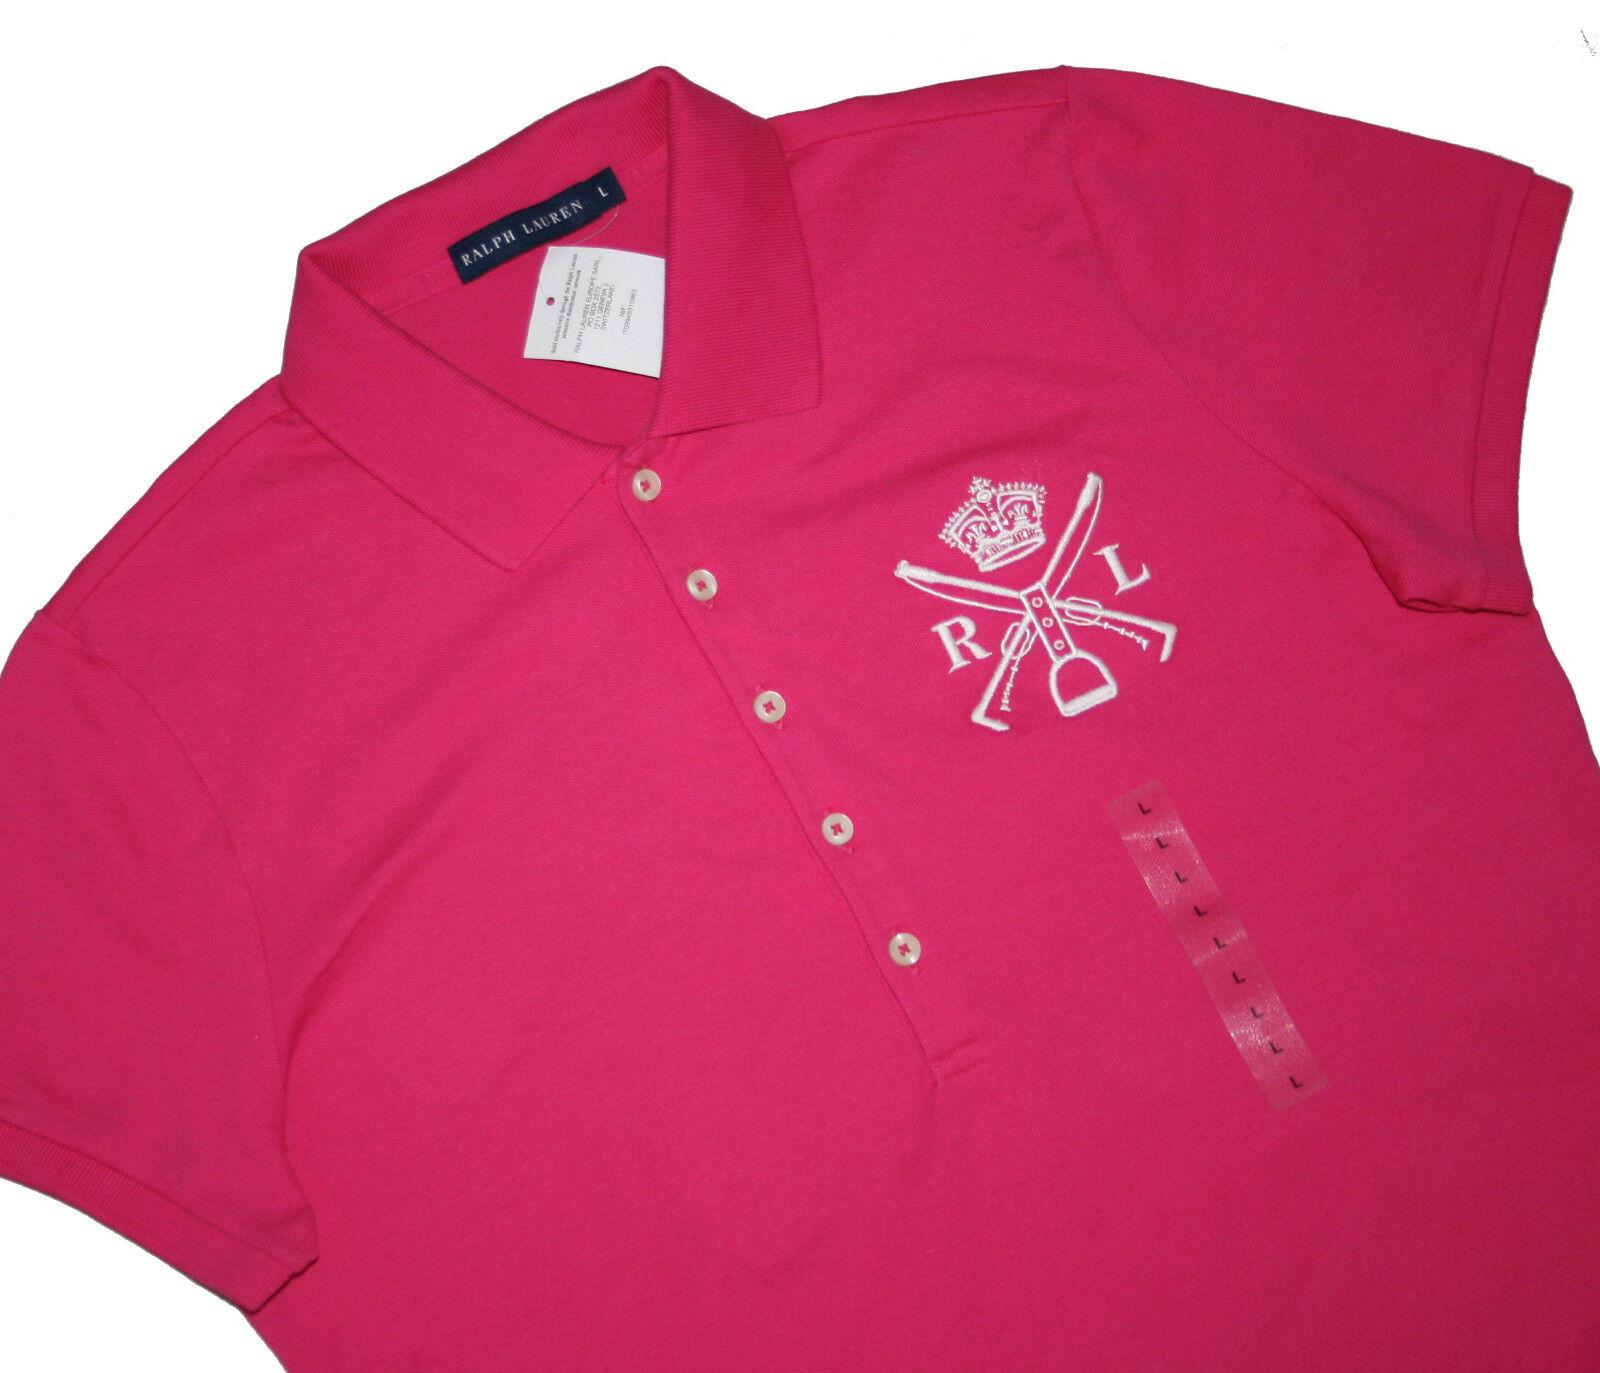 Polo Ralph Lauren Damen Cross Mallet Stretch Regular Fit Poloshirt Gr.S